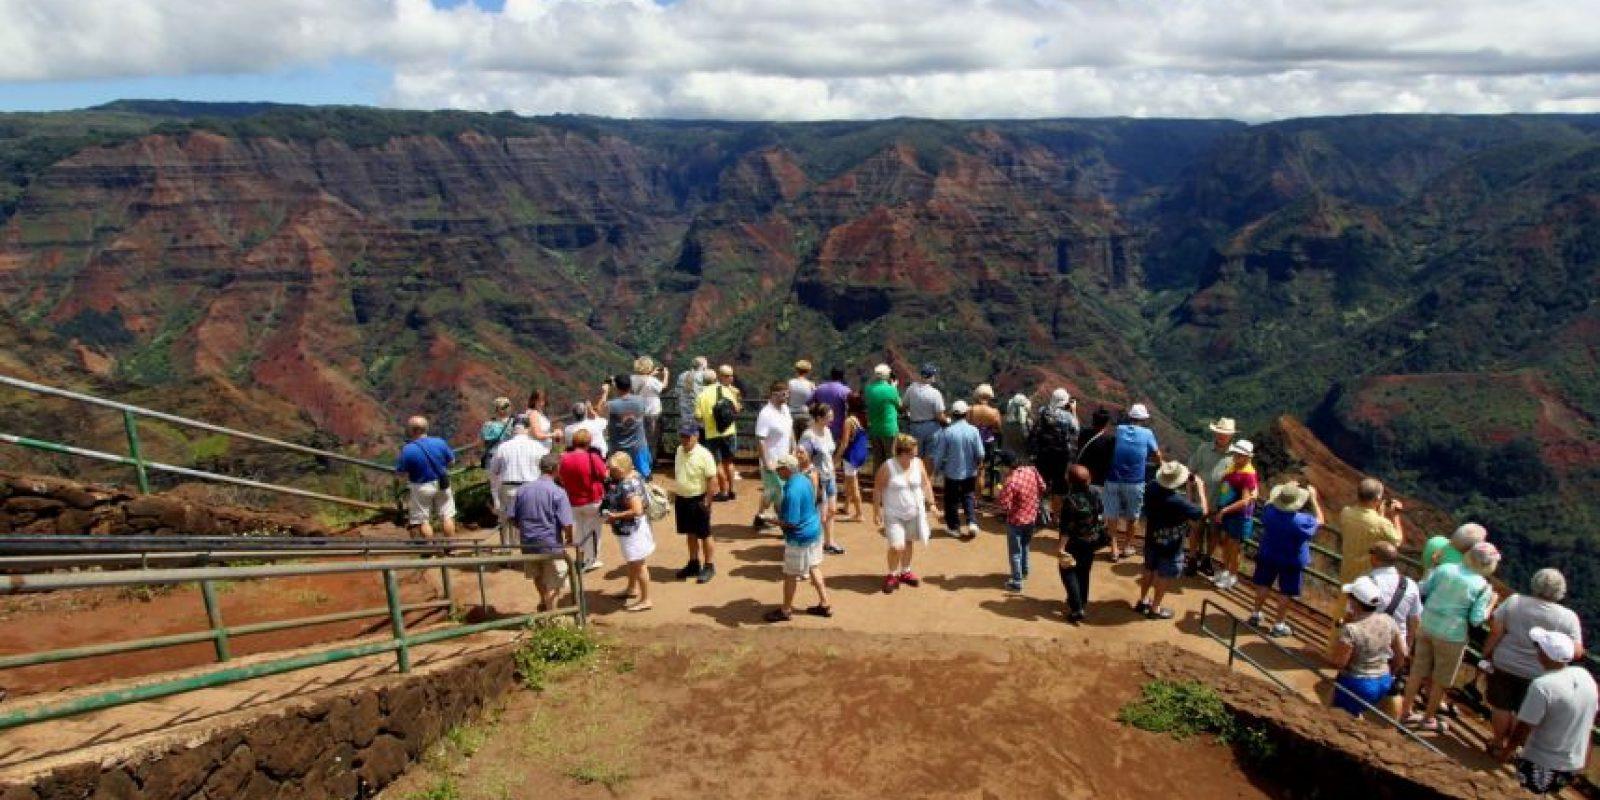 Tiene distintos paisajes para visitar que podrían impresionarlos. Foto:Vía Flickr